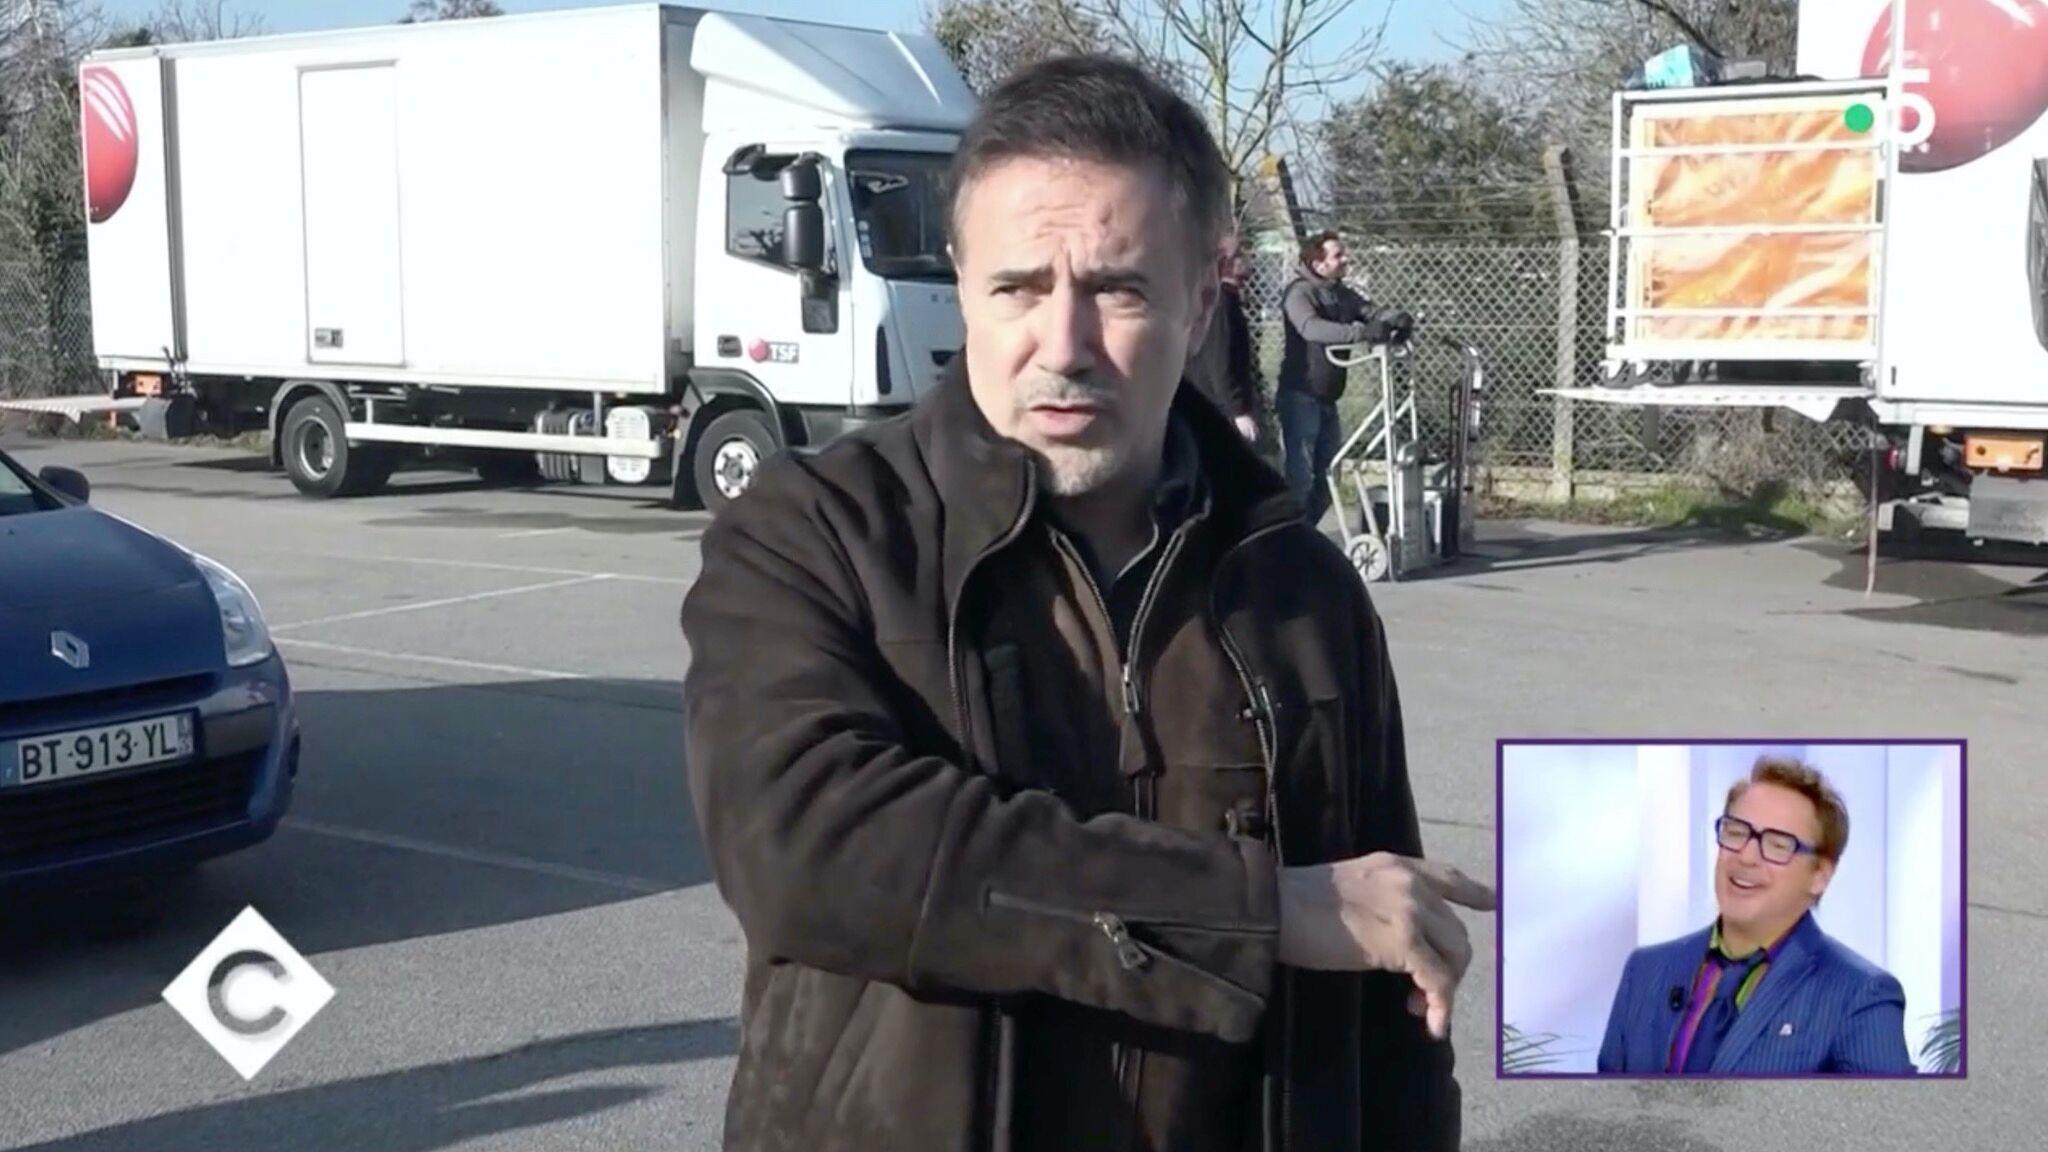 VIDEO José Garcia avoue à Robert Downey Jr. qu'il lui a laissé des grosses ardoises dans plusieurs restaurants